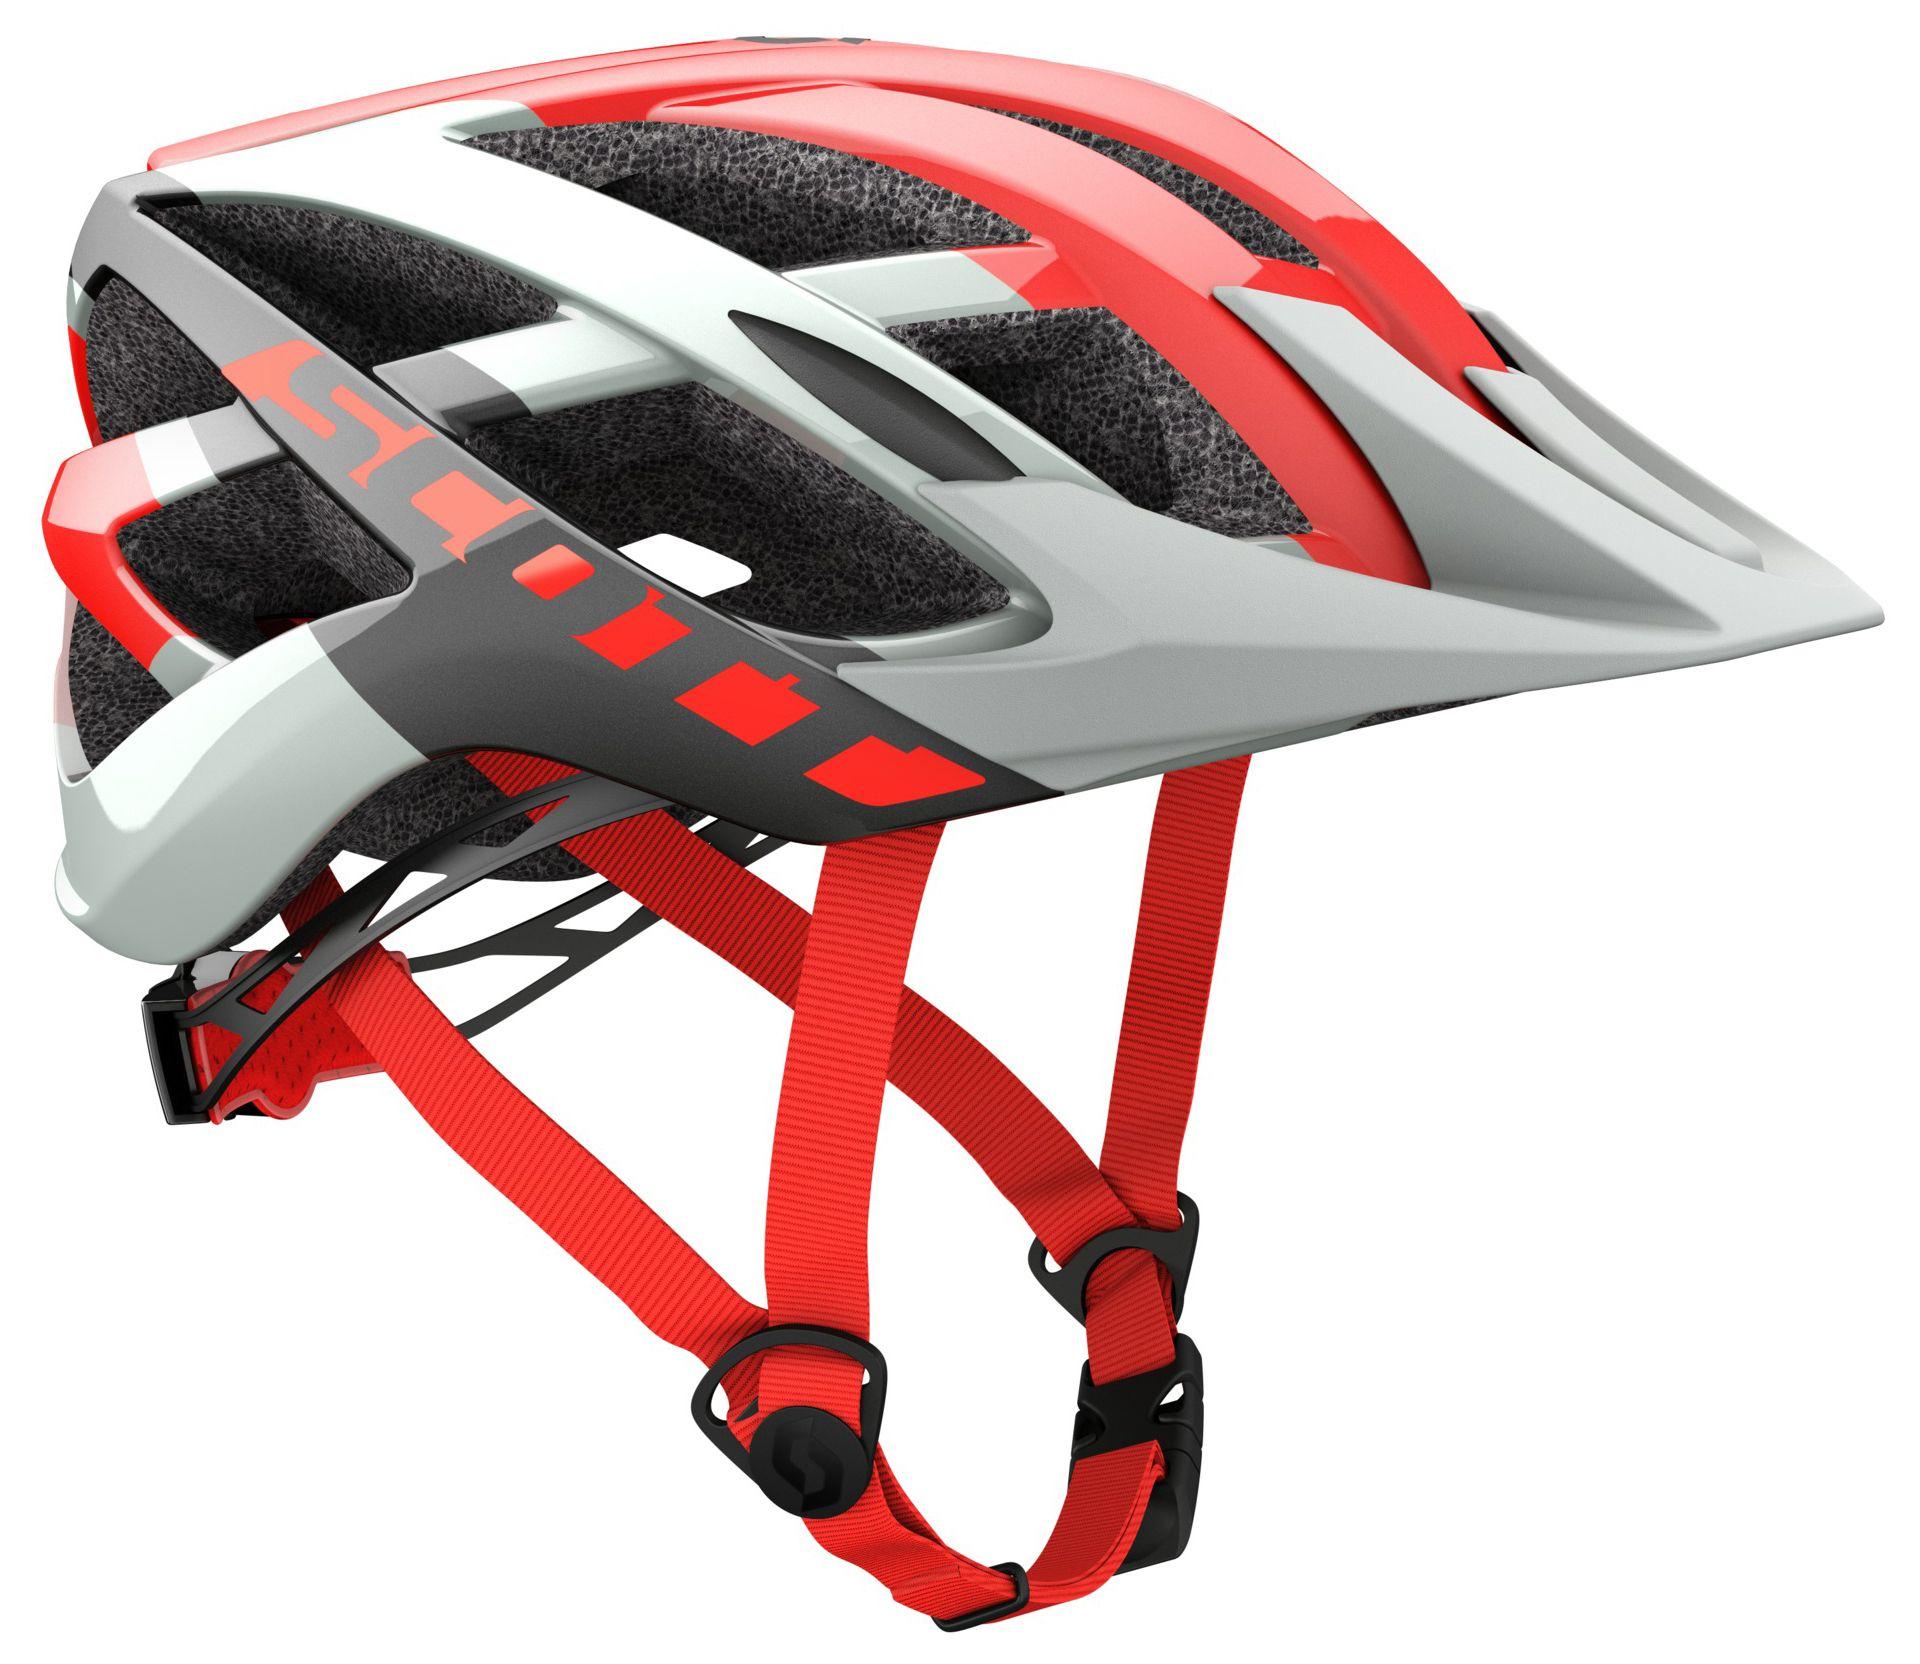 Аксессуар Scott Spunto велосипедный шлем aidy rindg bjl 105